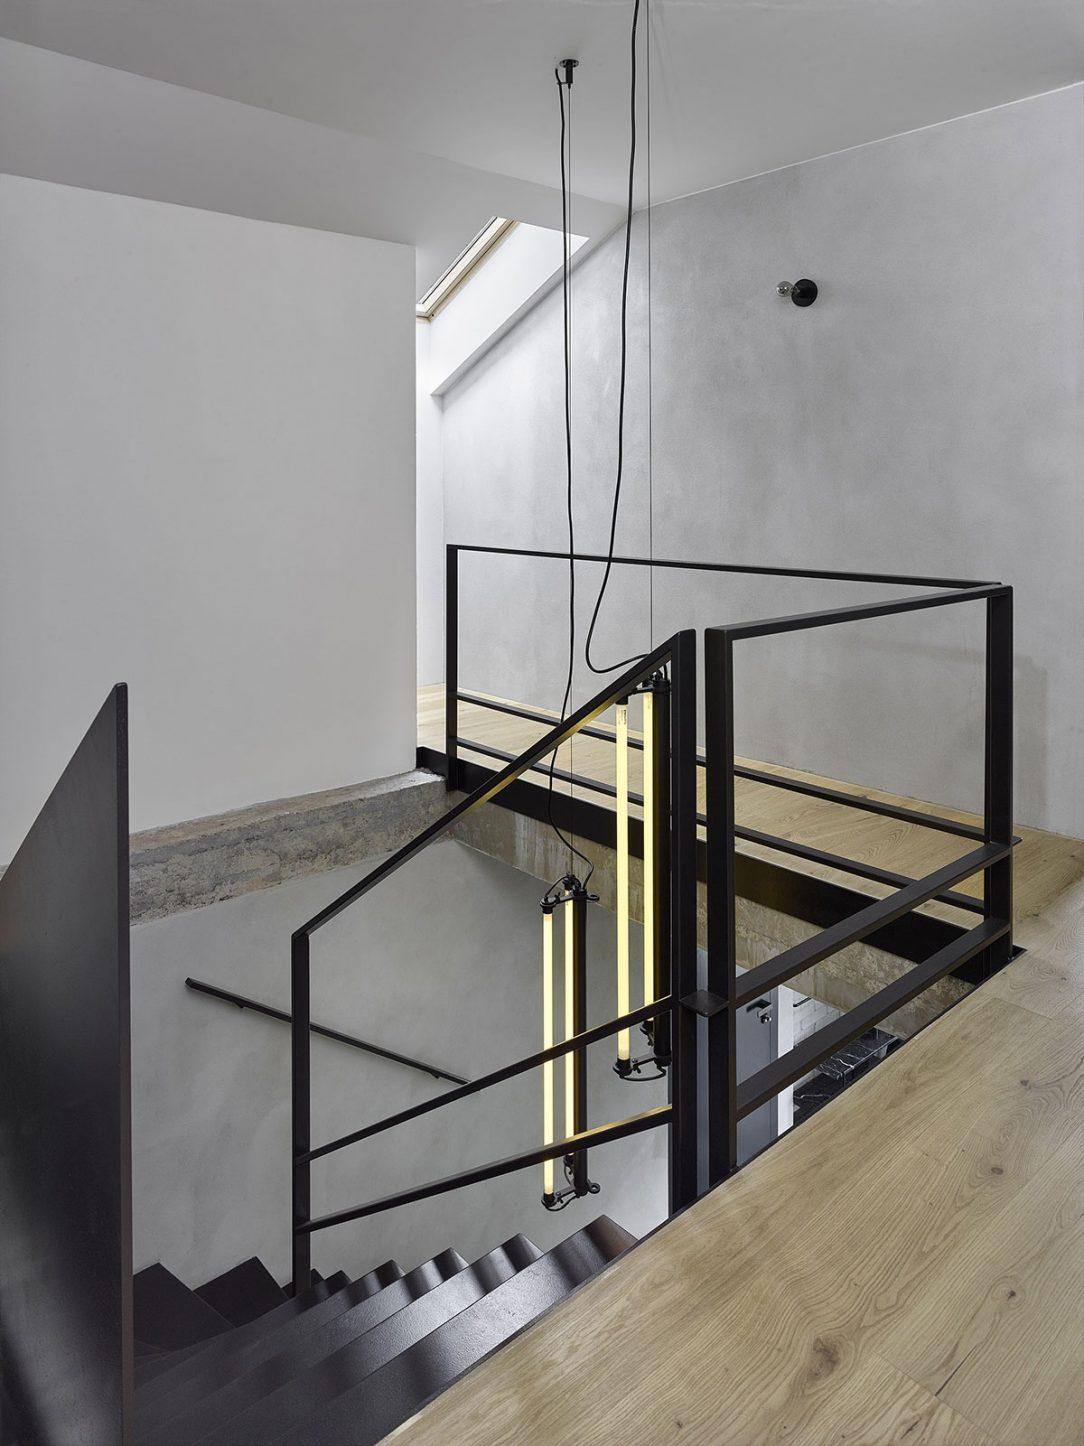 Z 12mm ocelových plátů řezaných laserem je i hlavní zavěšené schodiště které nahradilo původní zděné.